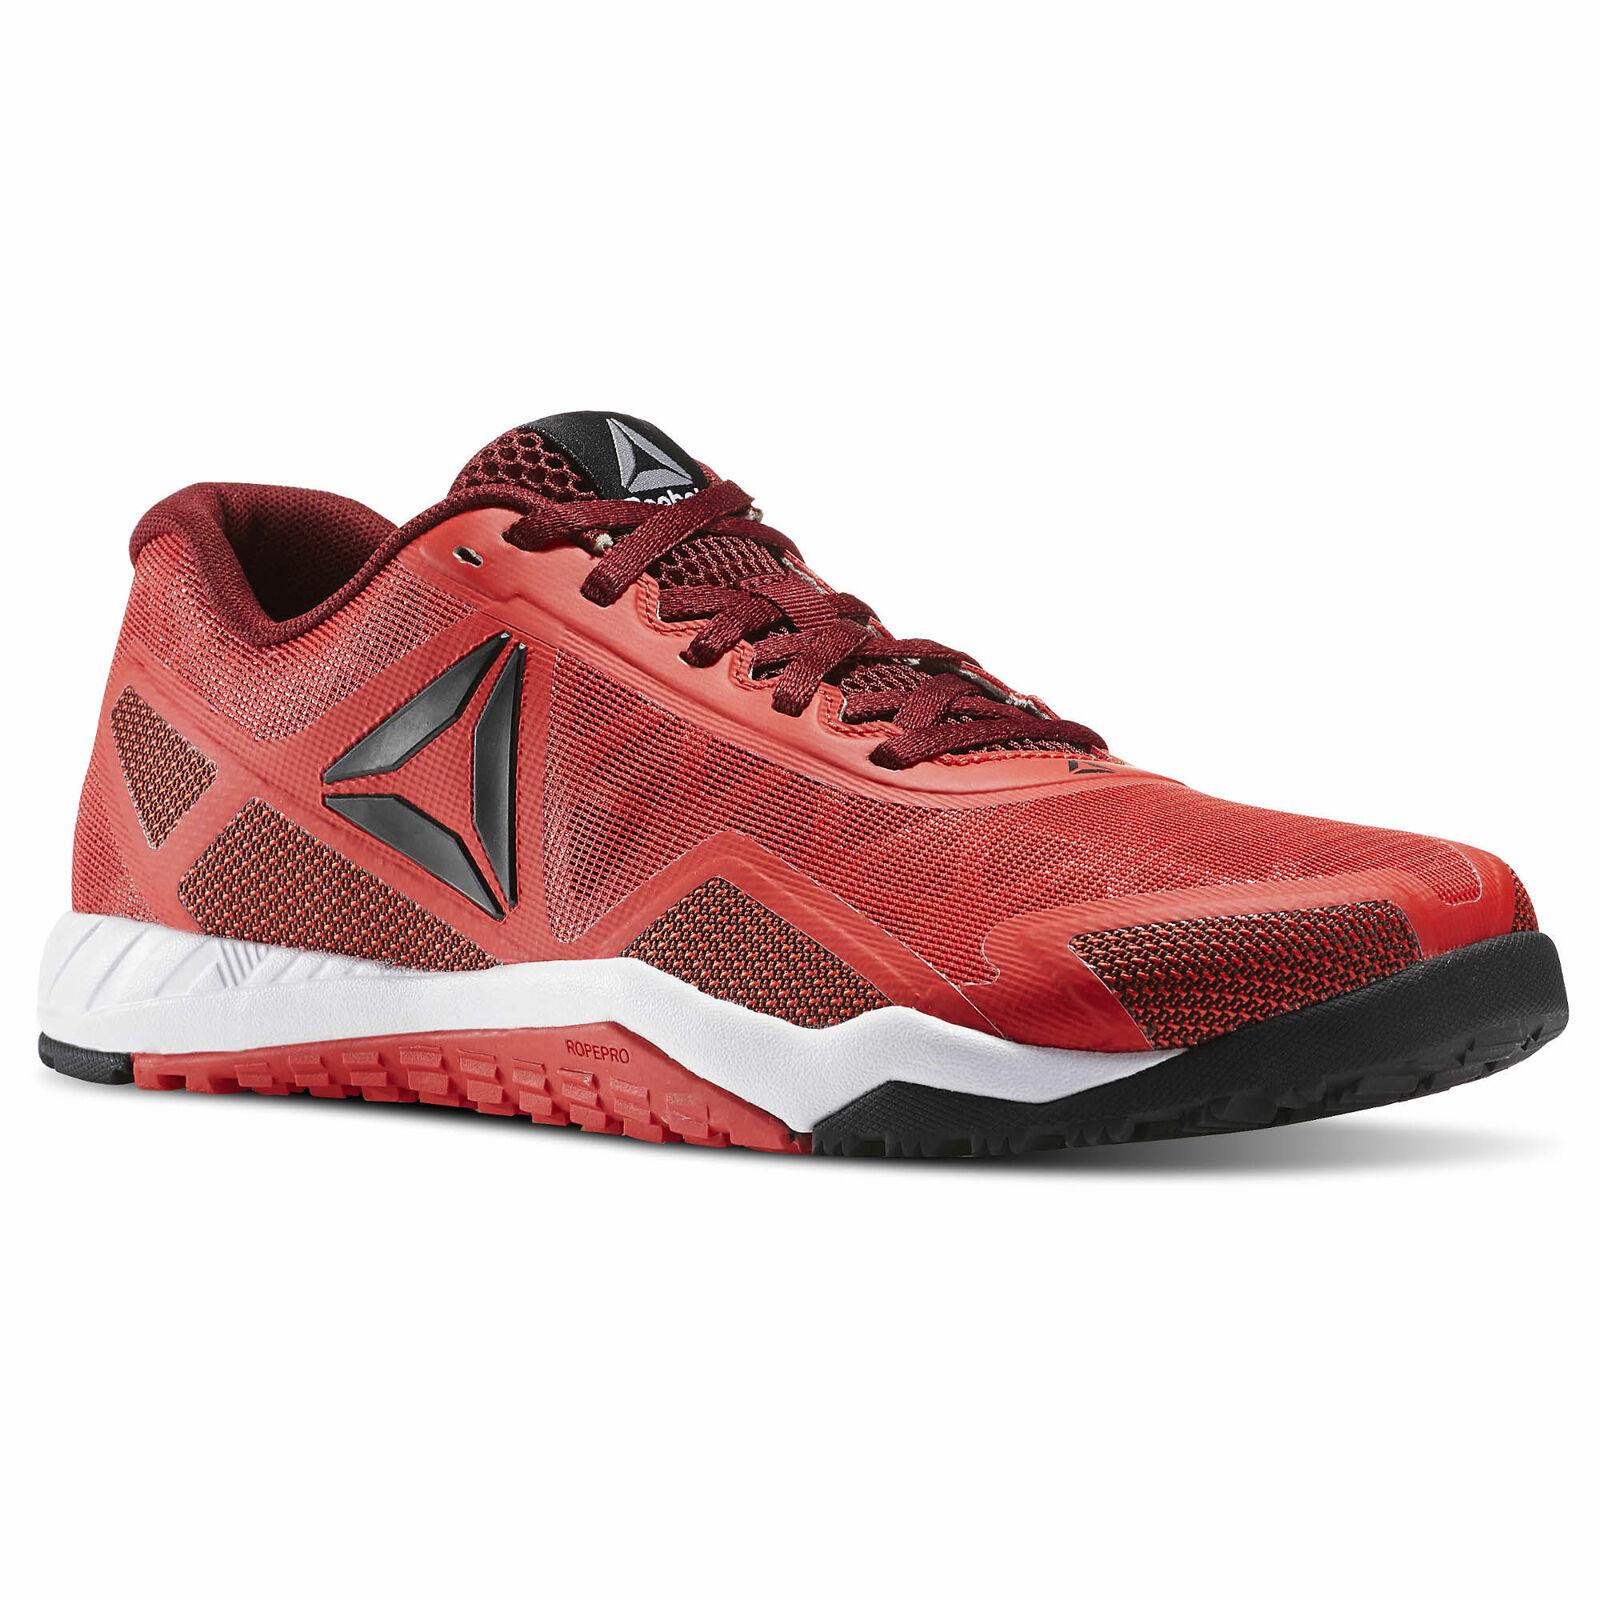 d211dce9c112e Reebok Men s Workout TR 2.0 Shoes